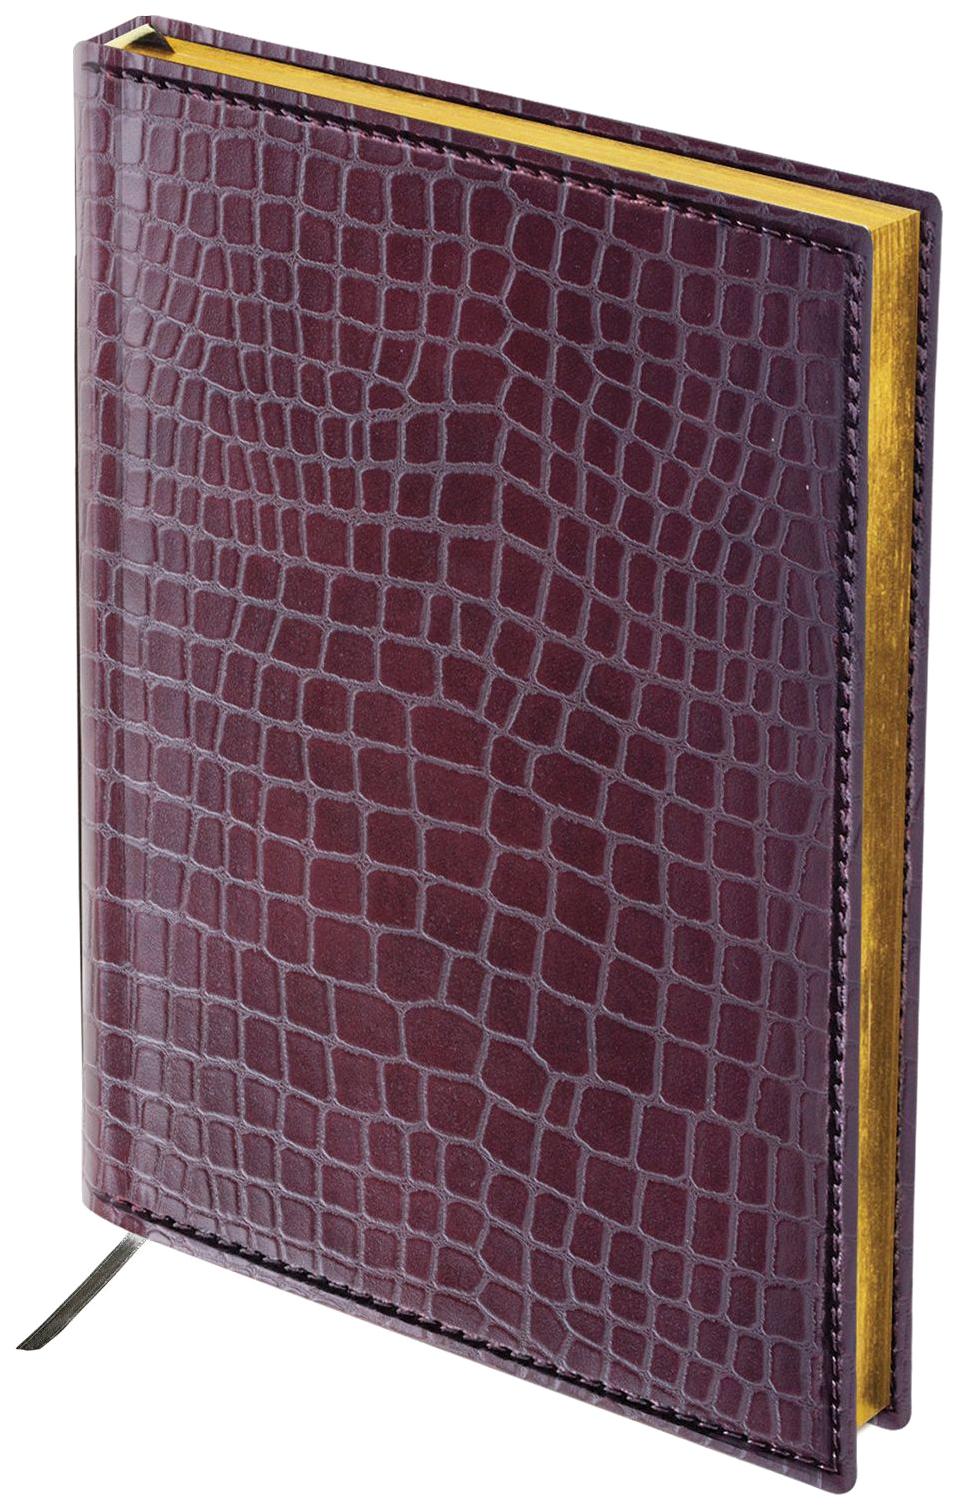 Ежедневник Brauberg «Alligator» полудатированный, А5, 192 листа, 148х218 мм Коричневый